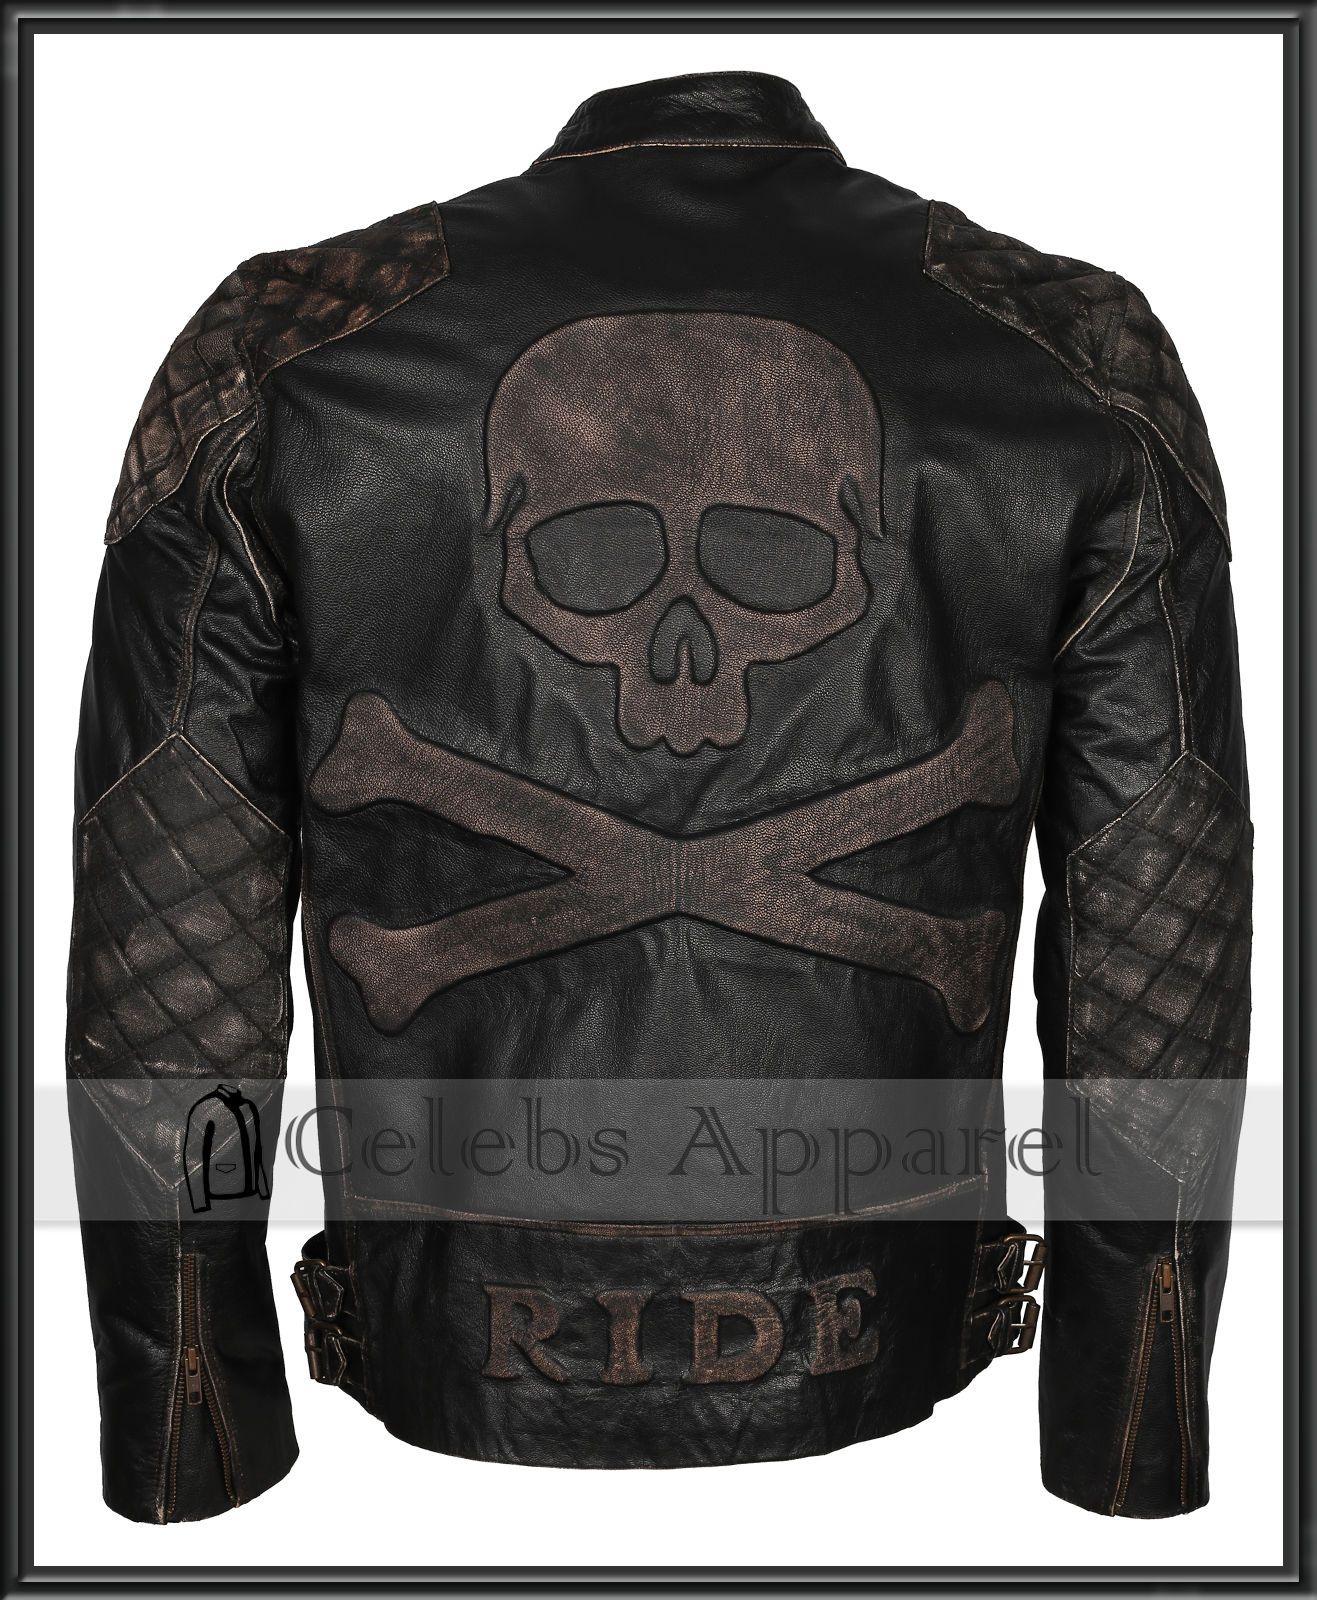 RIDE OR DIE BIKER SKULL BIKE COW MOTORCYCLE RIDER Mens Black Sweatshirt